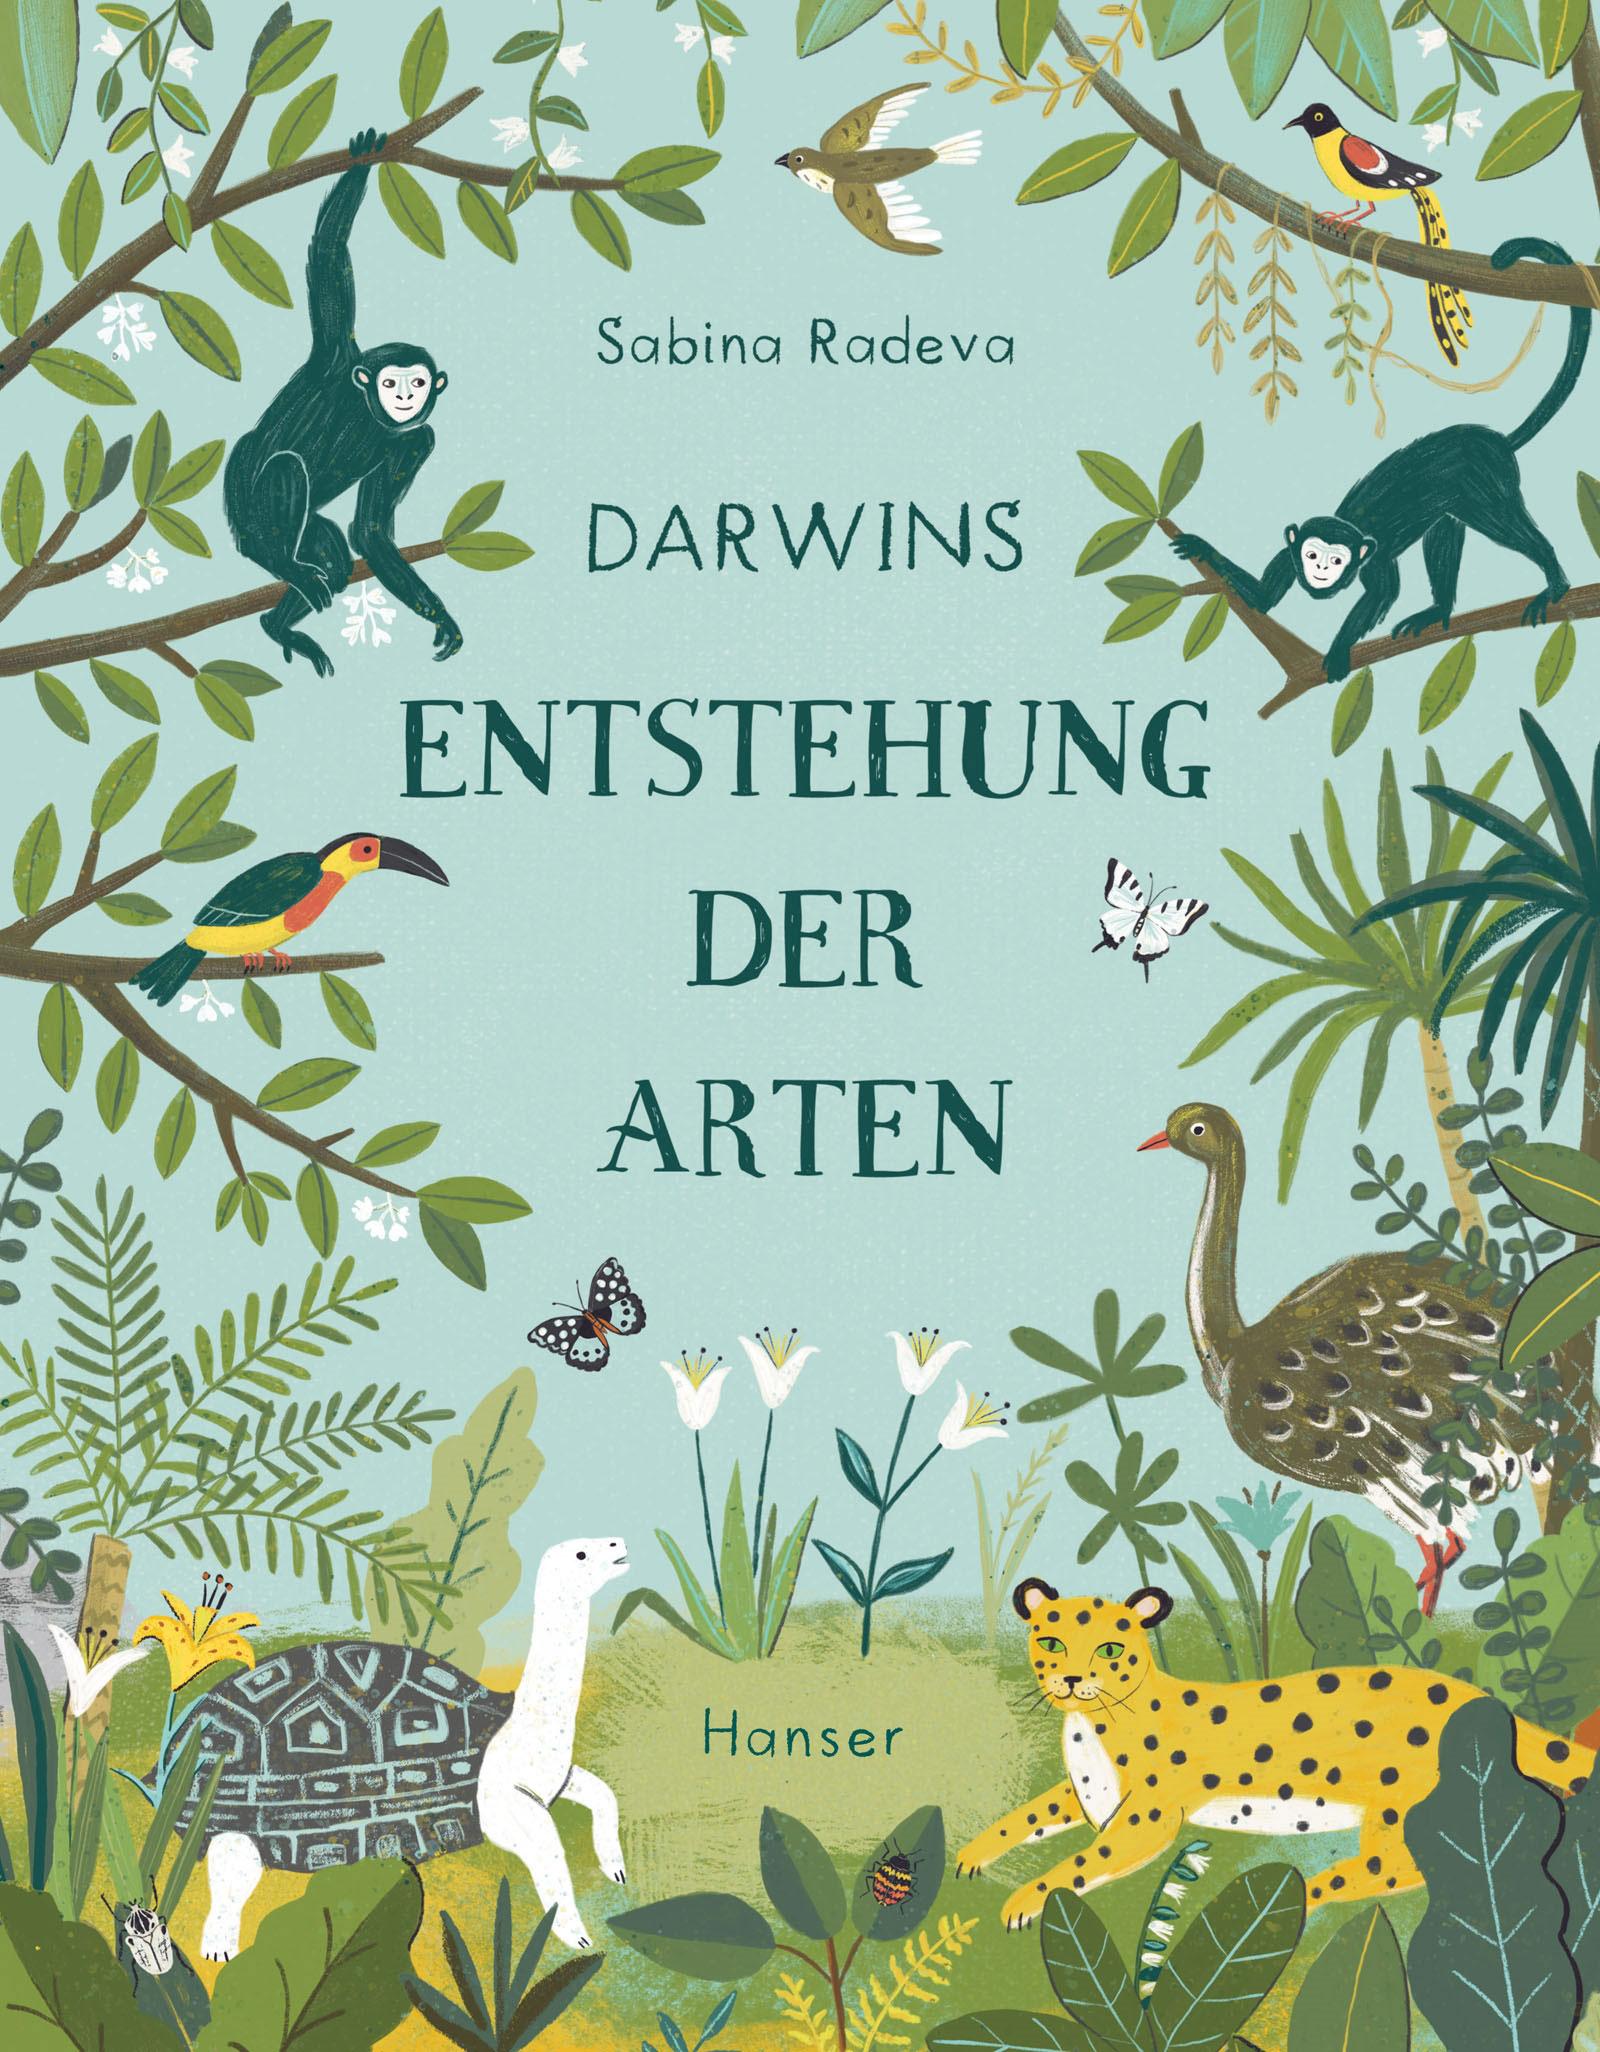 »Darwins Entstehung der Arten« - Hanser